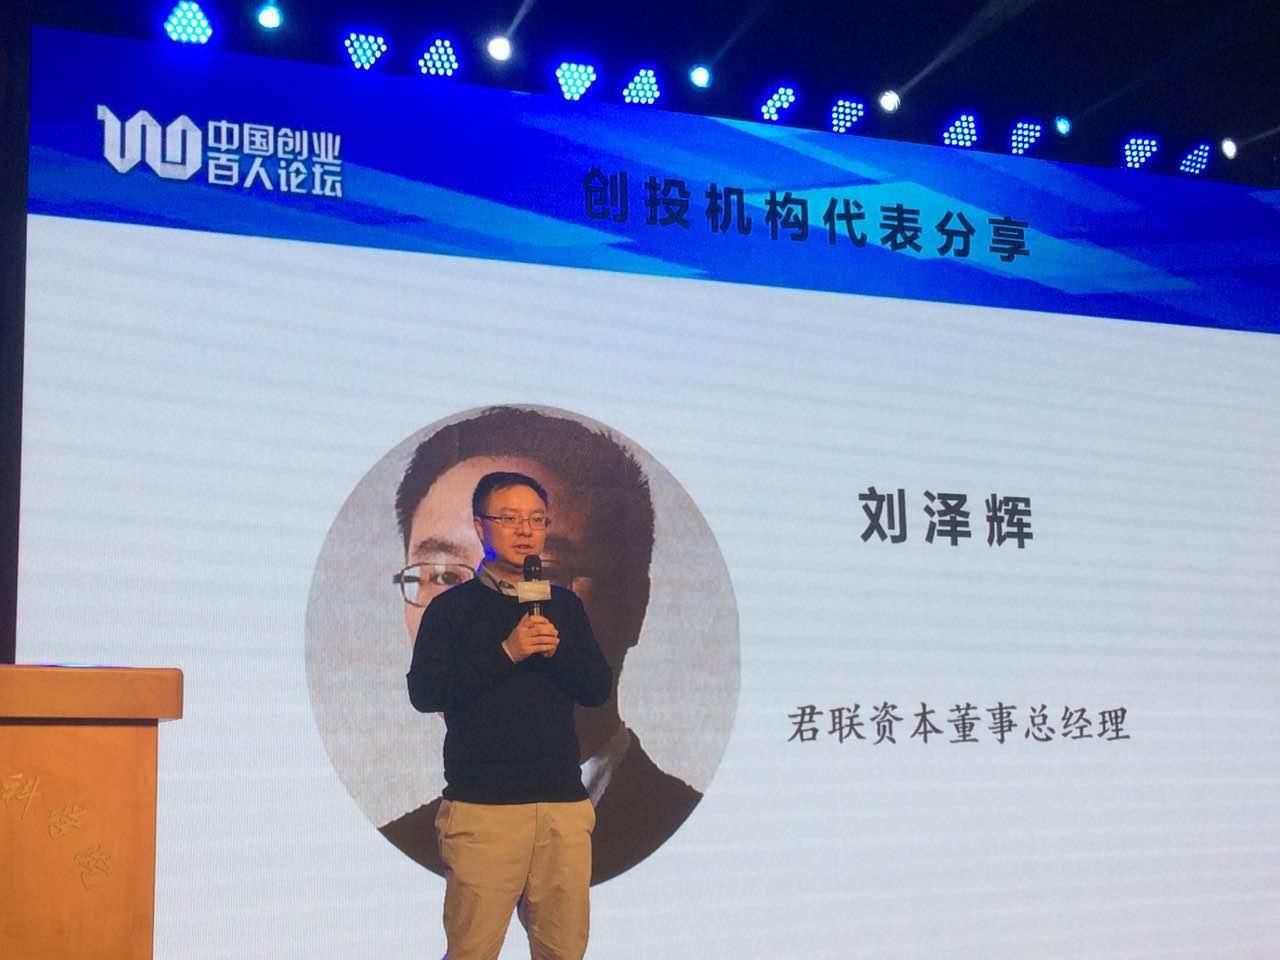 刘泽辉:选择轻资产的公司,注重娱乐化的创业项目,因为娱乐化比较容易变现。